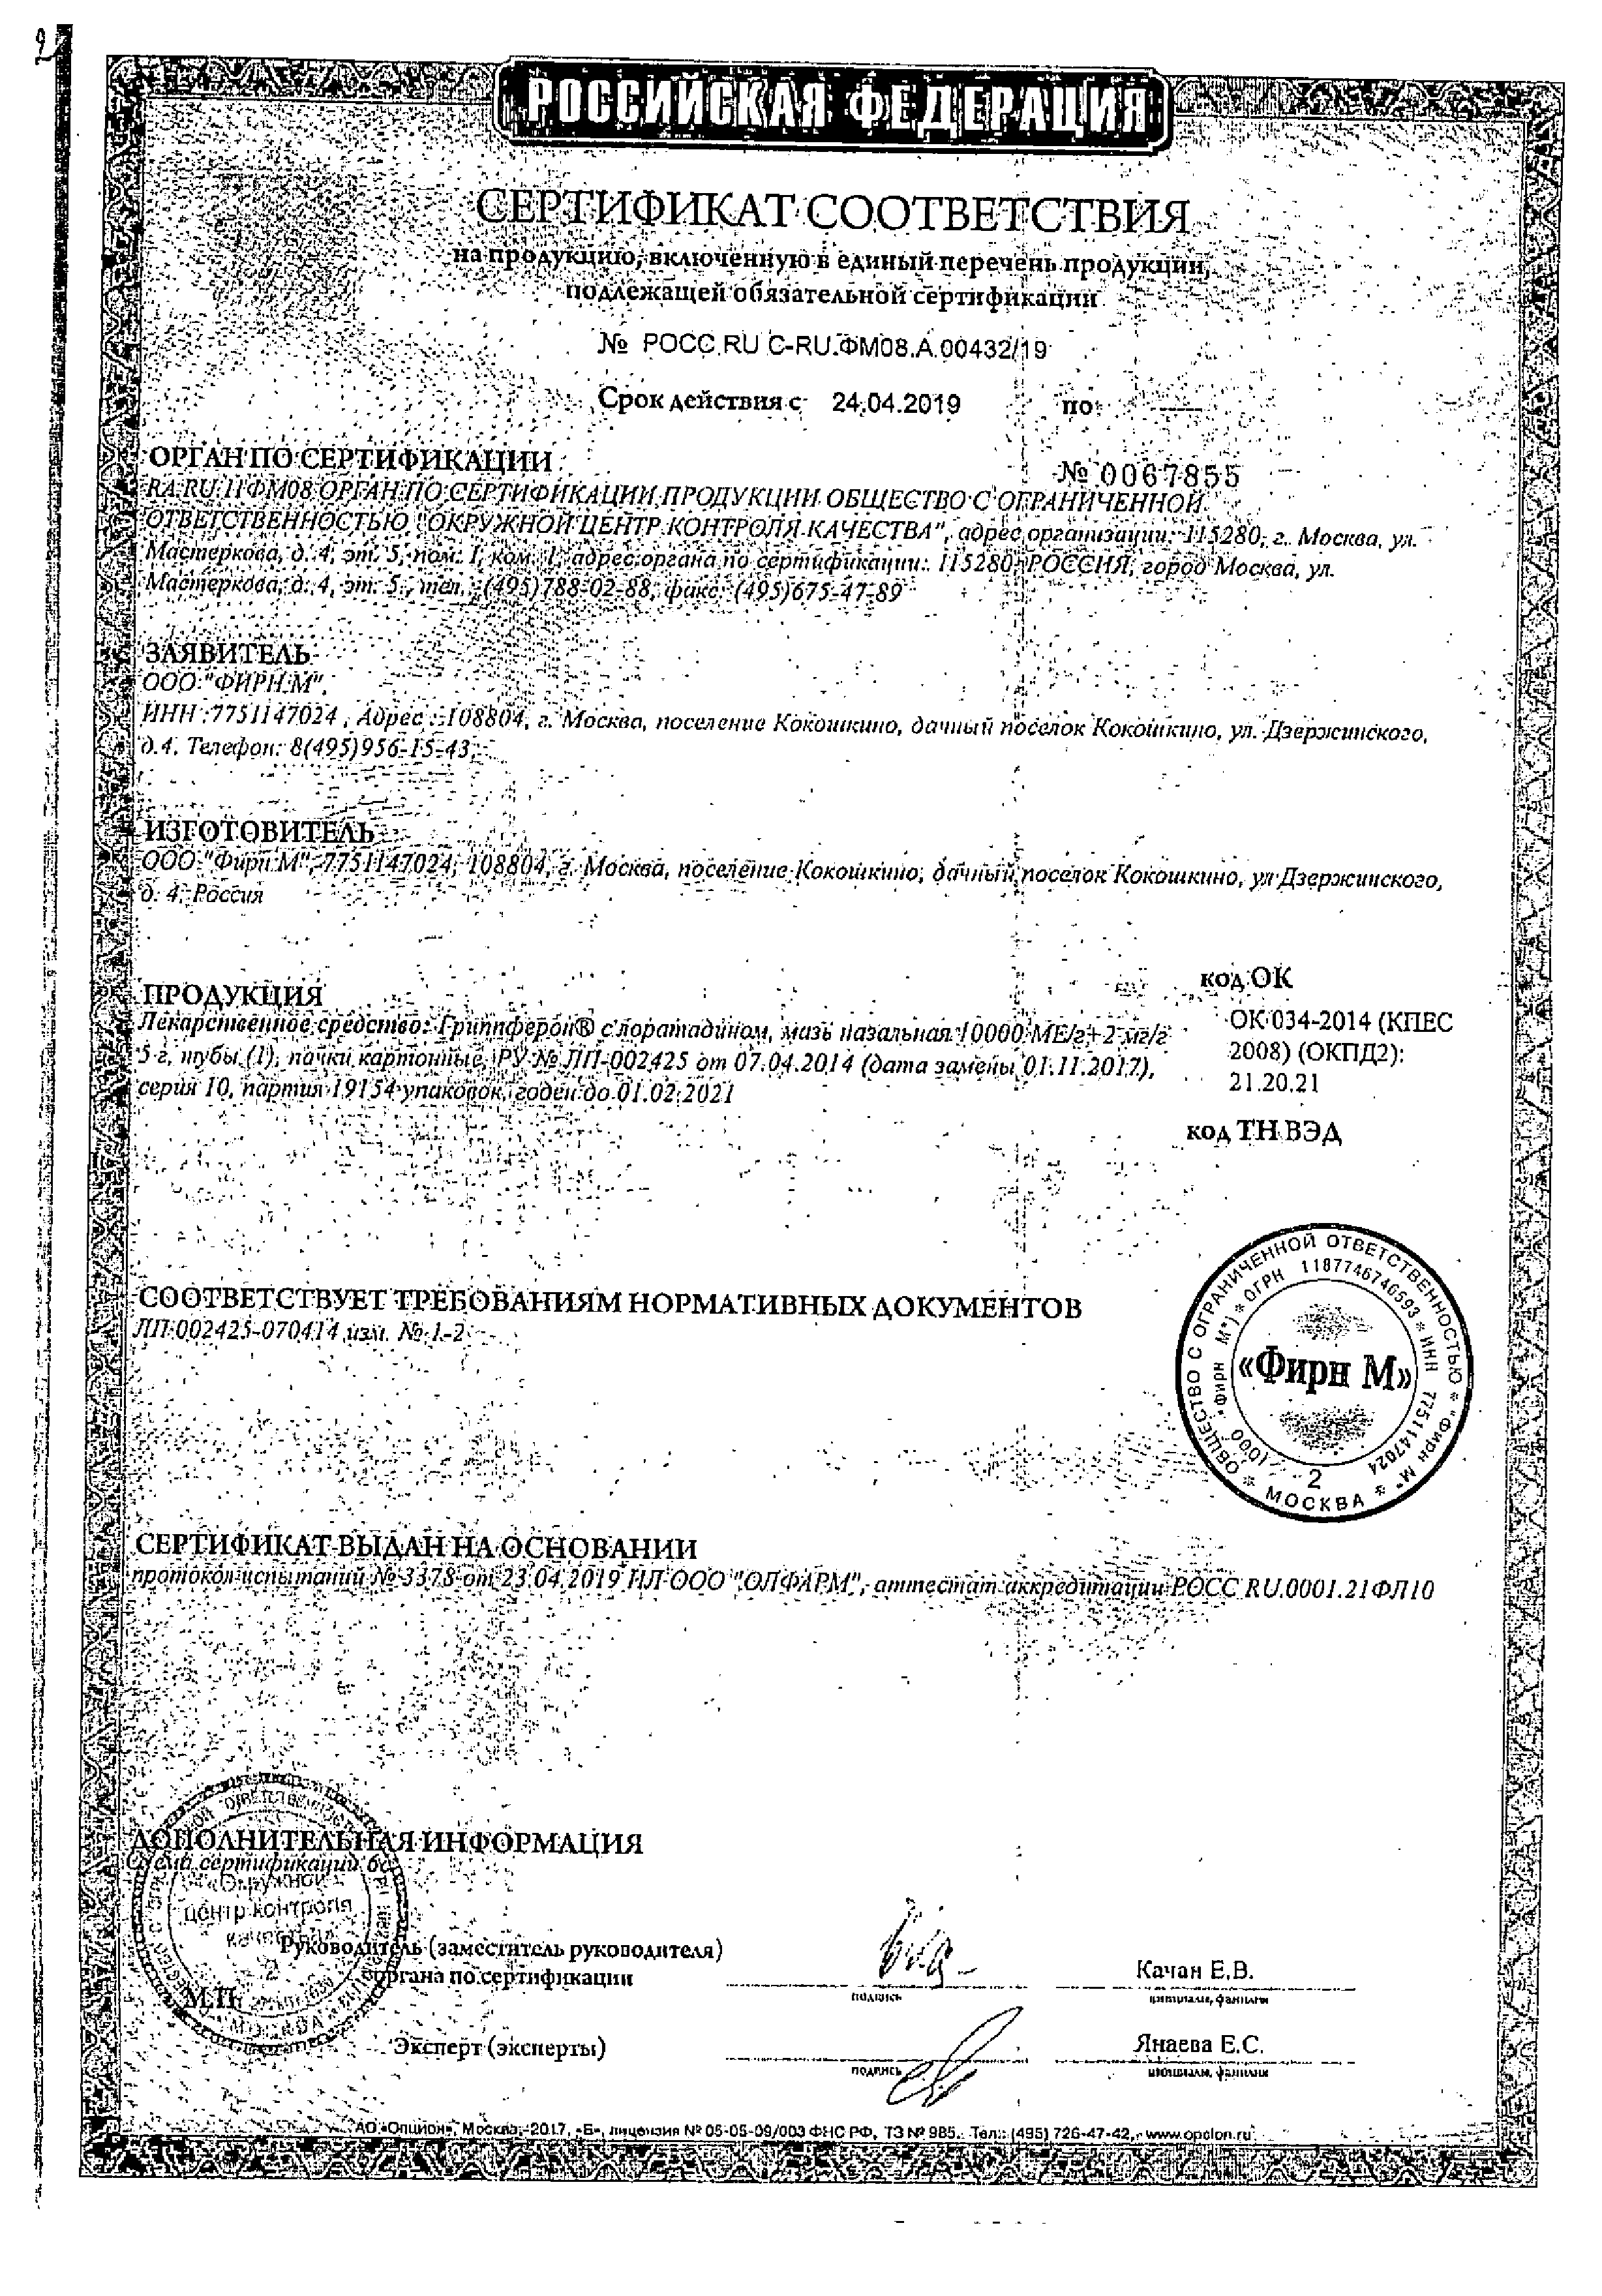 Гриппферон с лоратадином сертификат